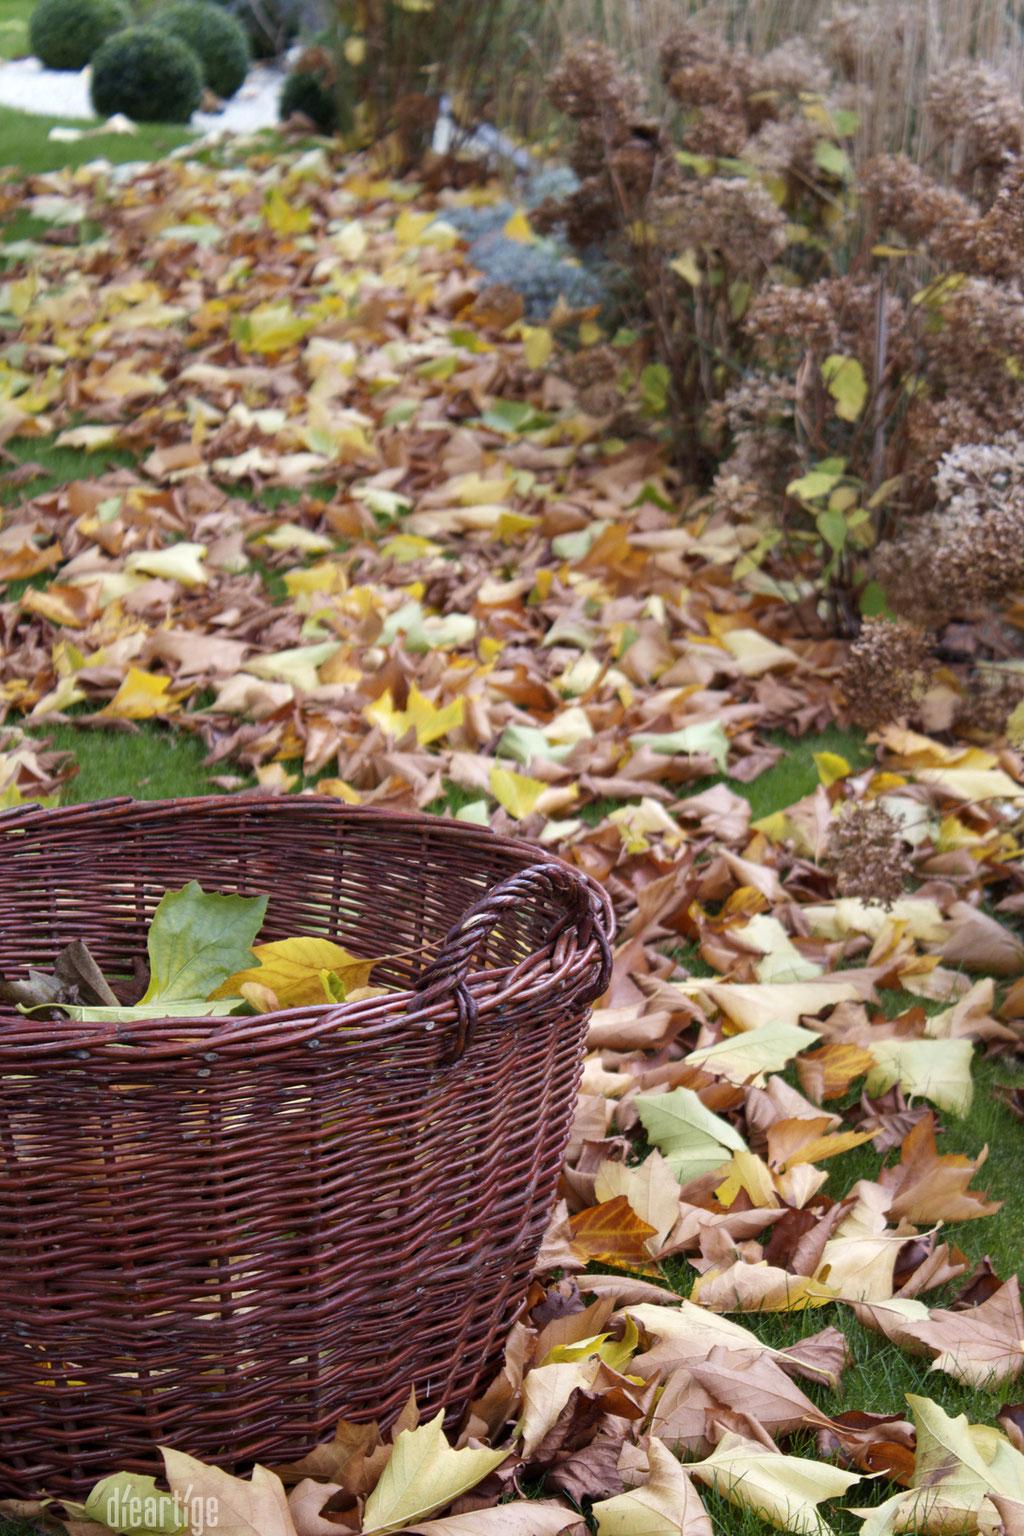 dieartigeBLOG - Kiepe zum Sammeln von Herbstlaub